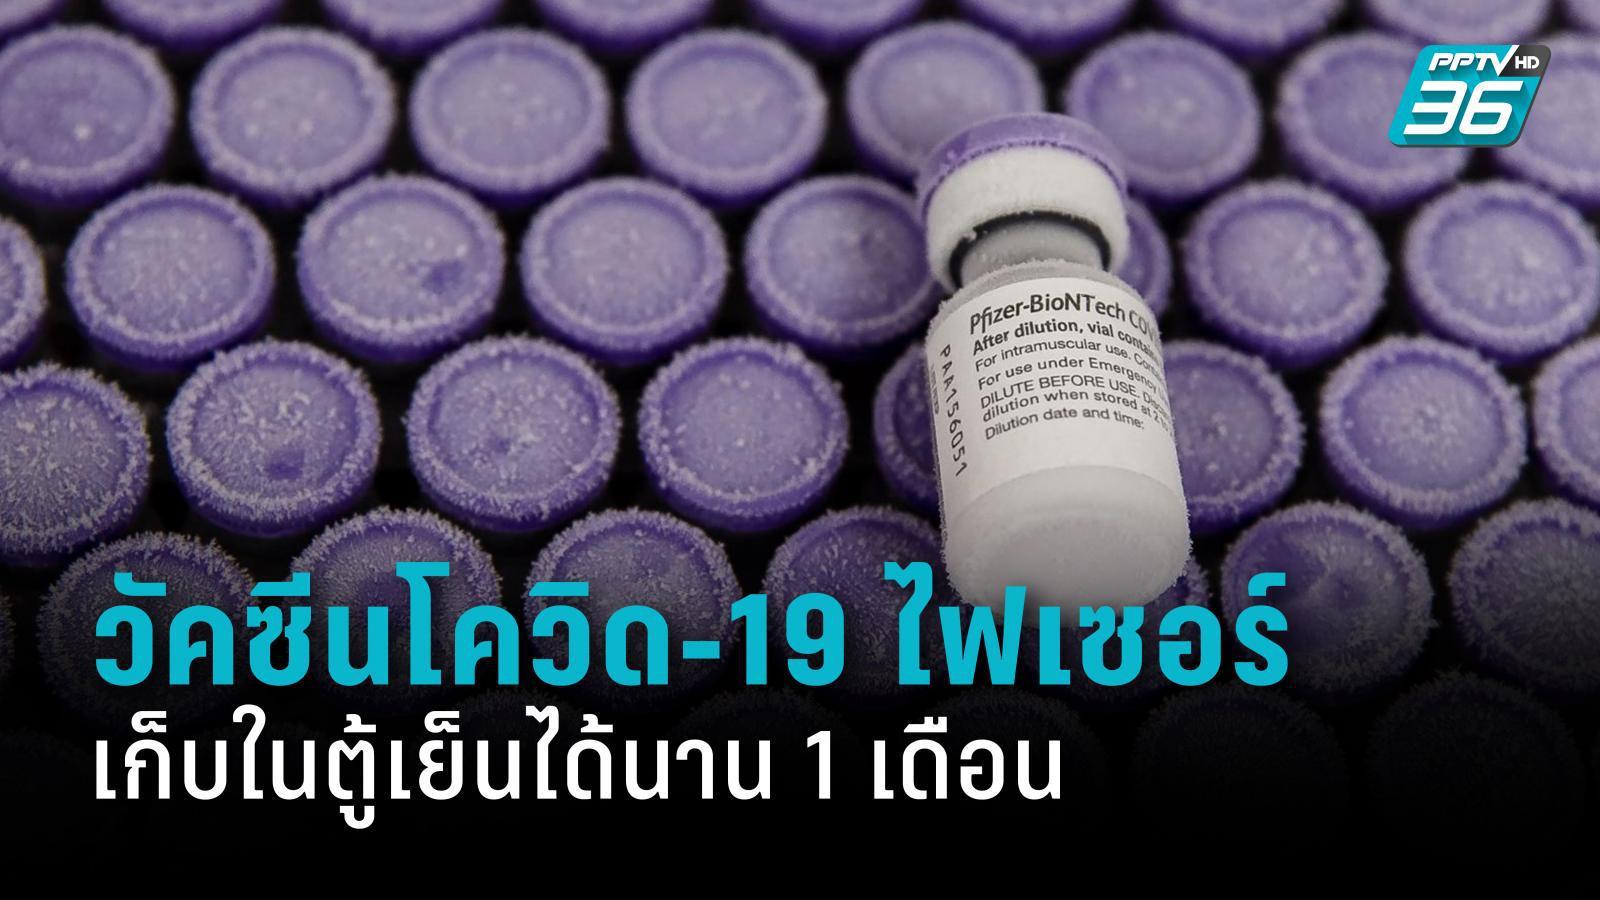 """สหรัฐฯ อนุมัติ เก็บวัคซีน """"ไฟเซอร์"""" ในอุณหภูมิตู้เย็นได้นาน 1 เดือน"""